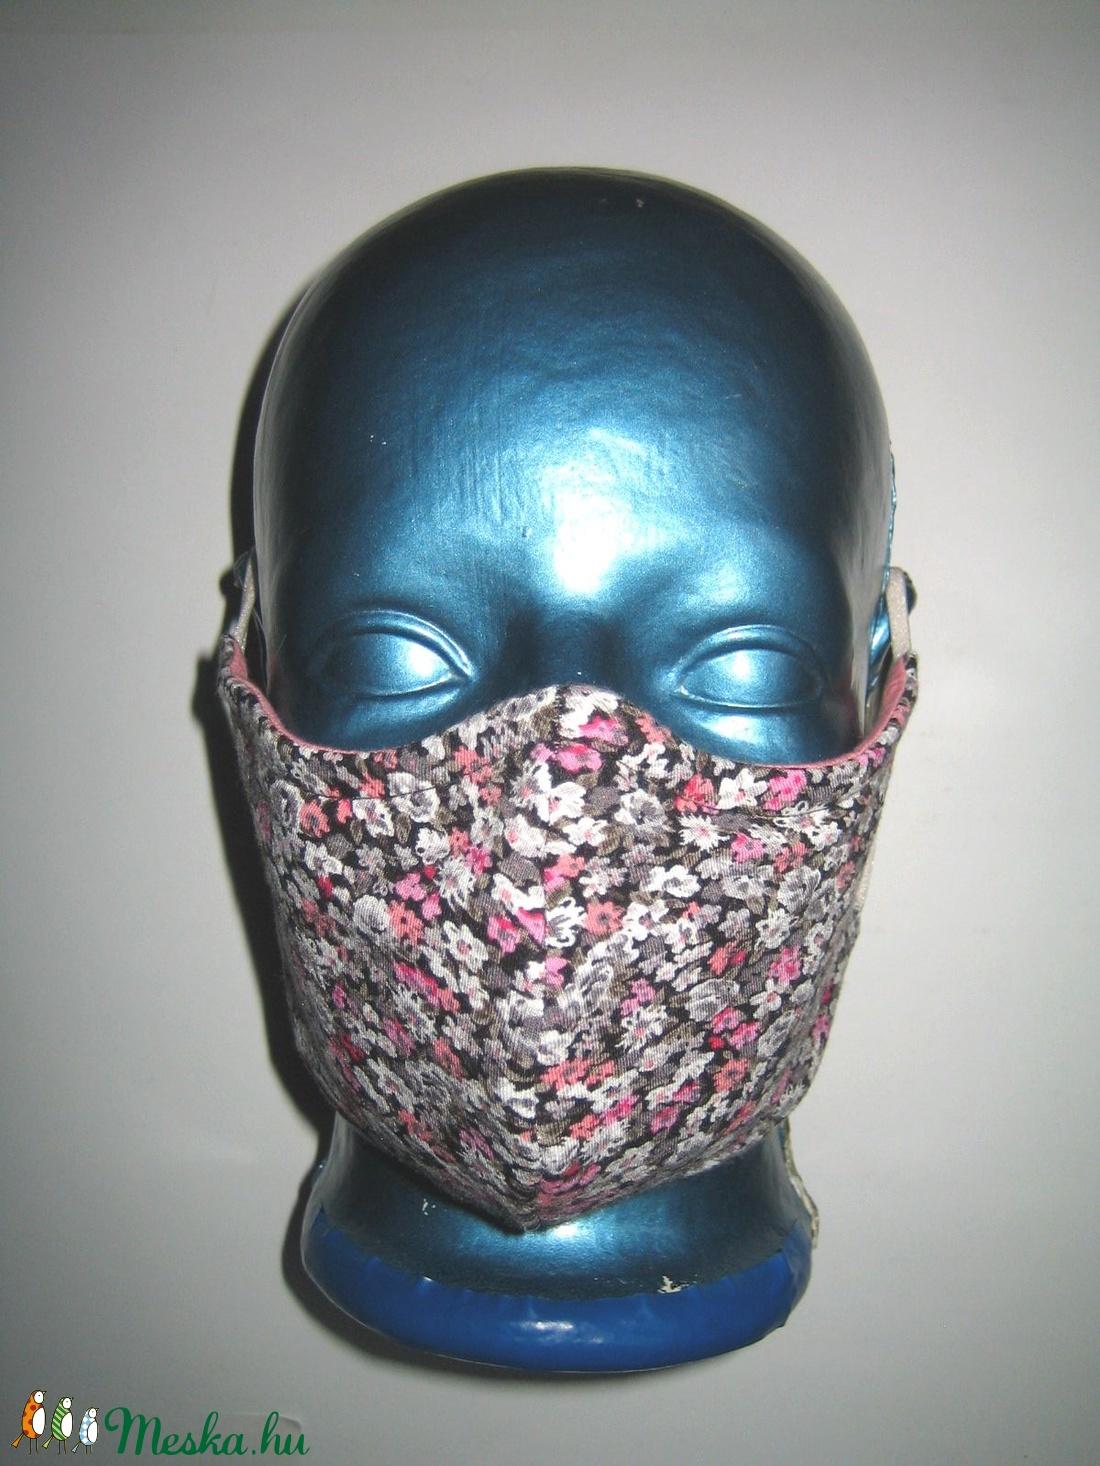 Egyedi- szájmaszk szemüvegeseknek orrmerevítős arcmaszk textil maszk virágos - maszk, arcmaszk - női - Meska.hu